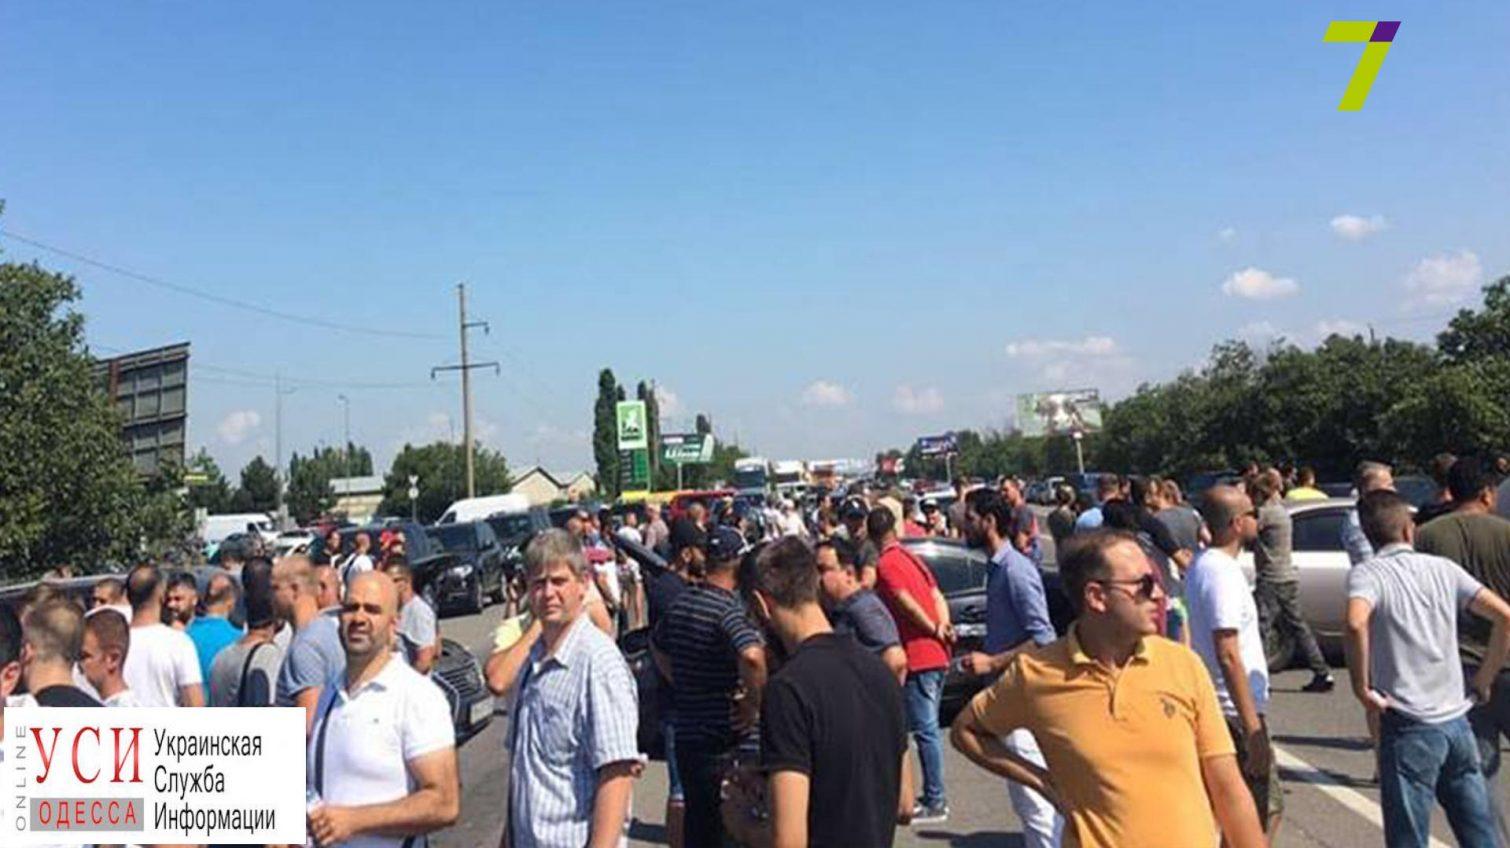 В районе рынка «7 км» из-за протеста предпринимателей образовалась автомобильная пробка (фото, видео) «фото»